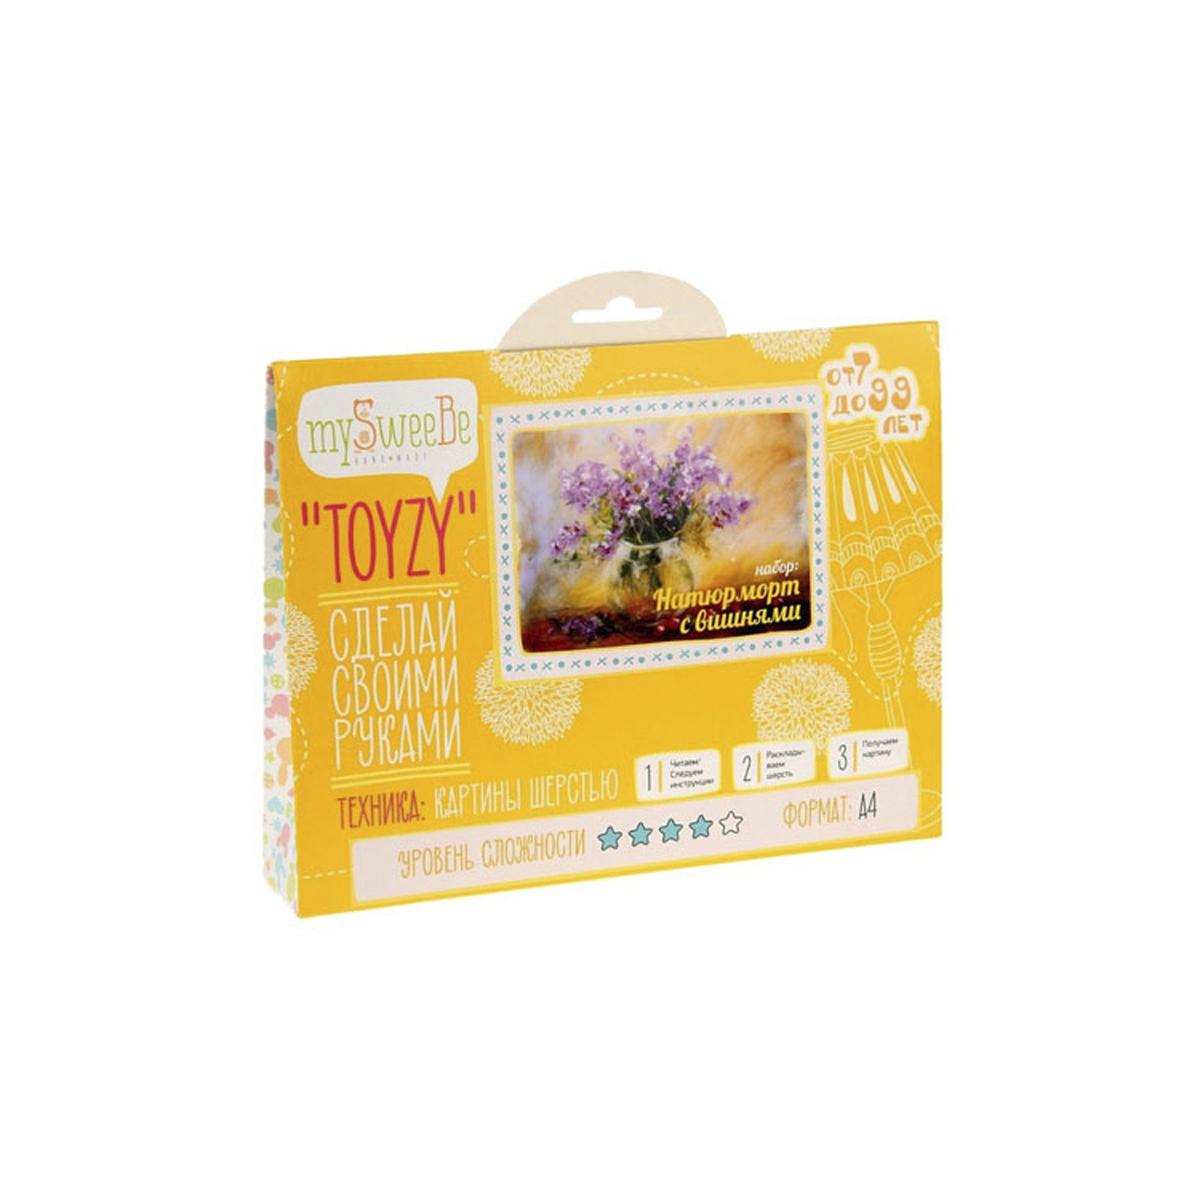 Картина шерстью Toyzy Натюрморт с вишнями, 29,7 см х 21 см. TZ-P007582263Набор для изготовления картин из шерсти Toyzy включает в себя: детальную инструкцию; все необходимые материалы и инструменты (в т.ч. шерсть, пинцет, подложку, дополнительные элементы). Шерсть, содержащаяся в наборе, является 100% натуральной и качественной.